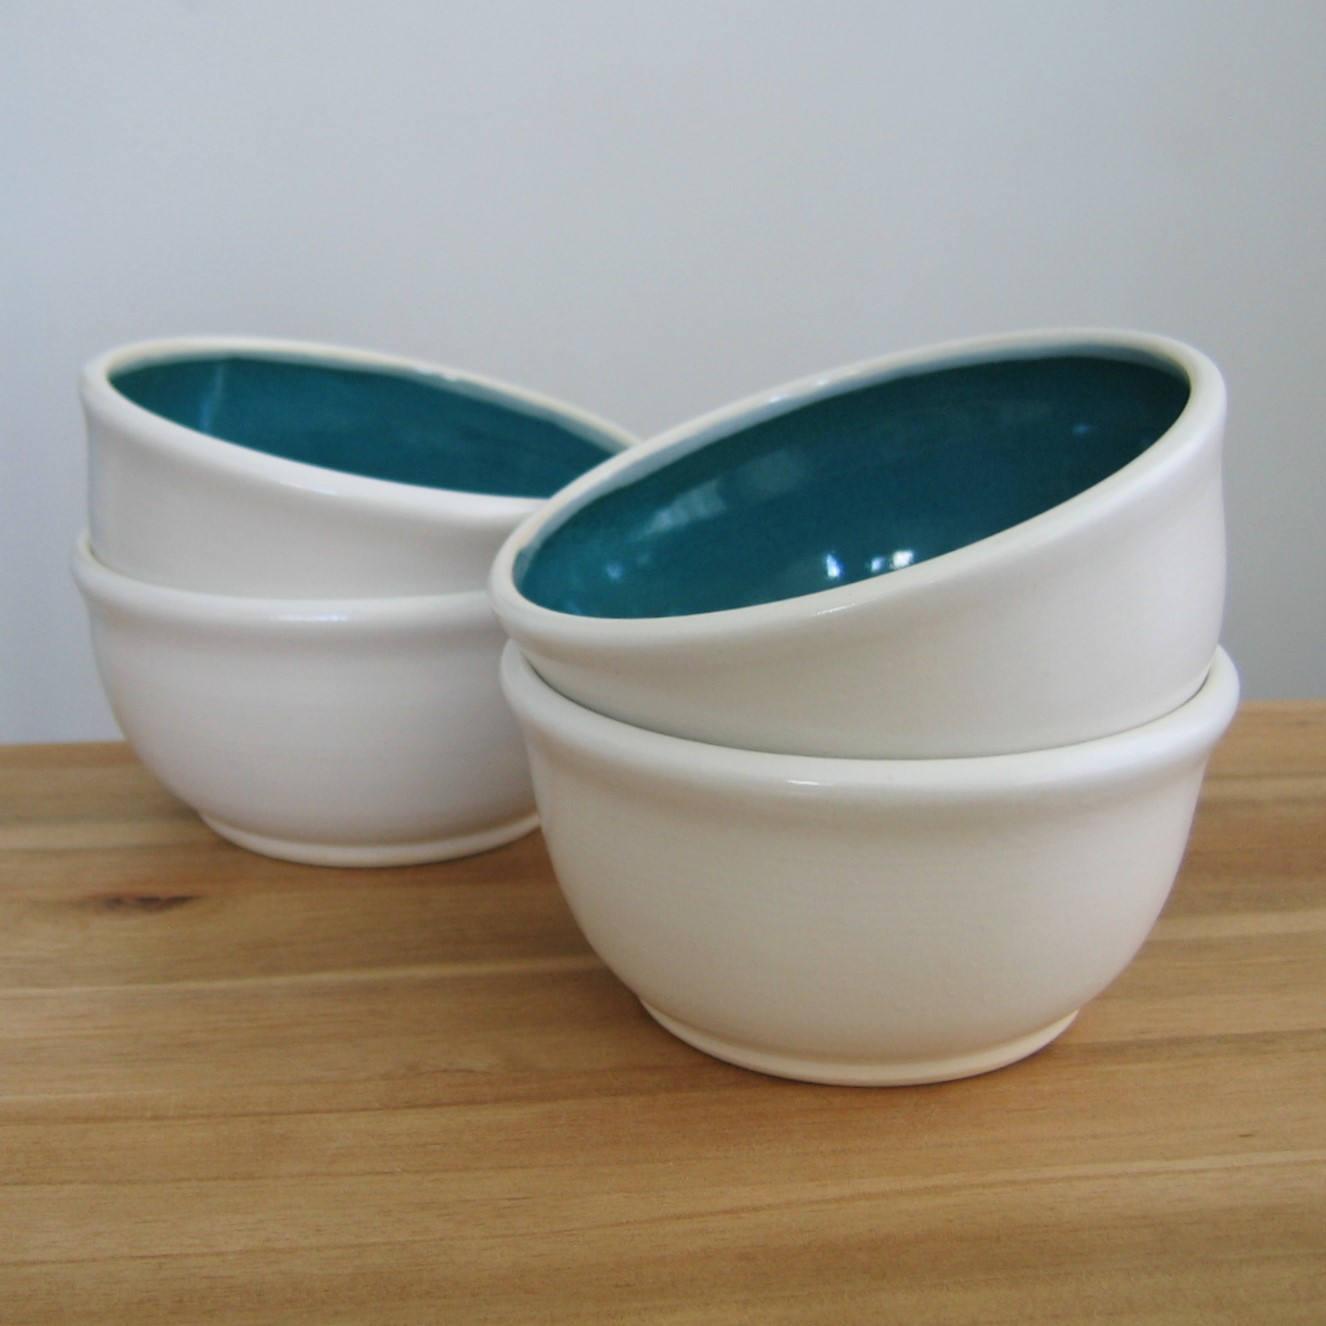 Stoneware bowls by Karin Lorenc